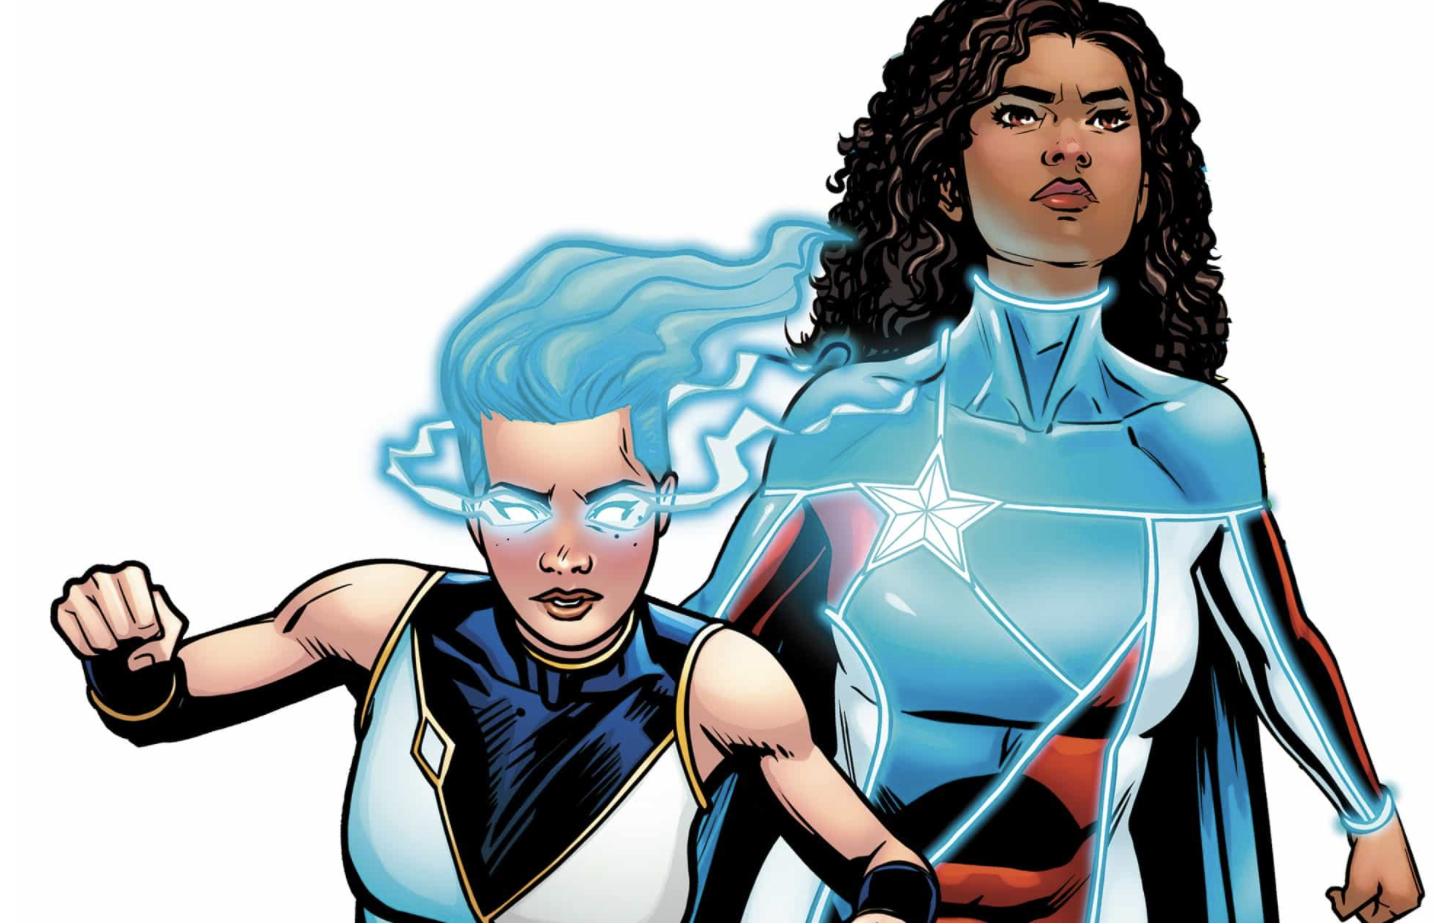 La Borinquena Features Chinese-Dominican Superhero